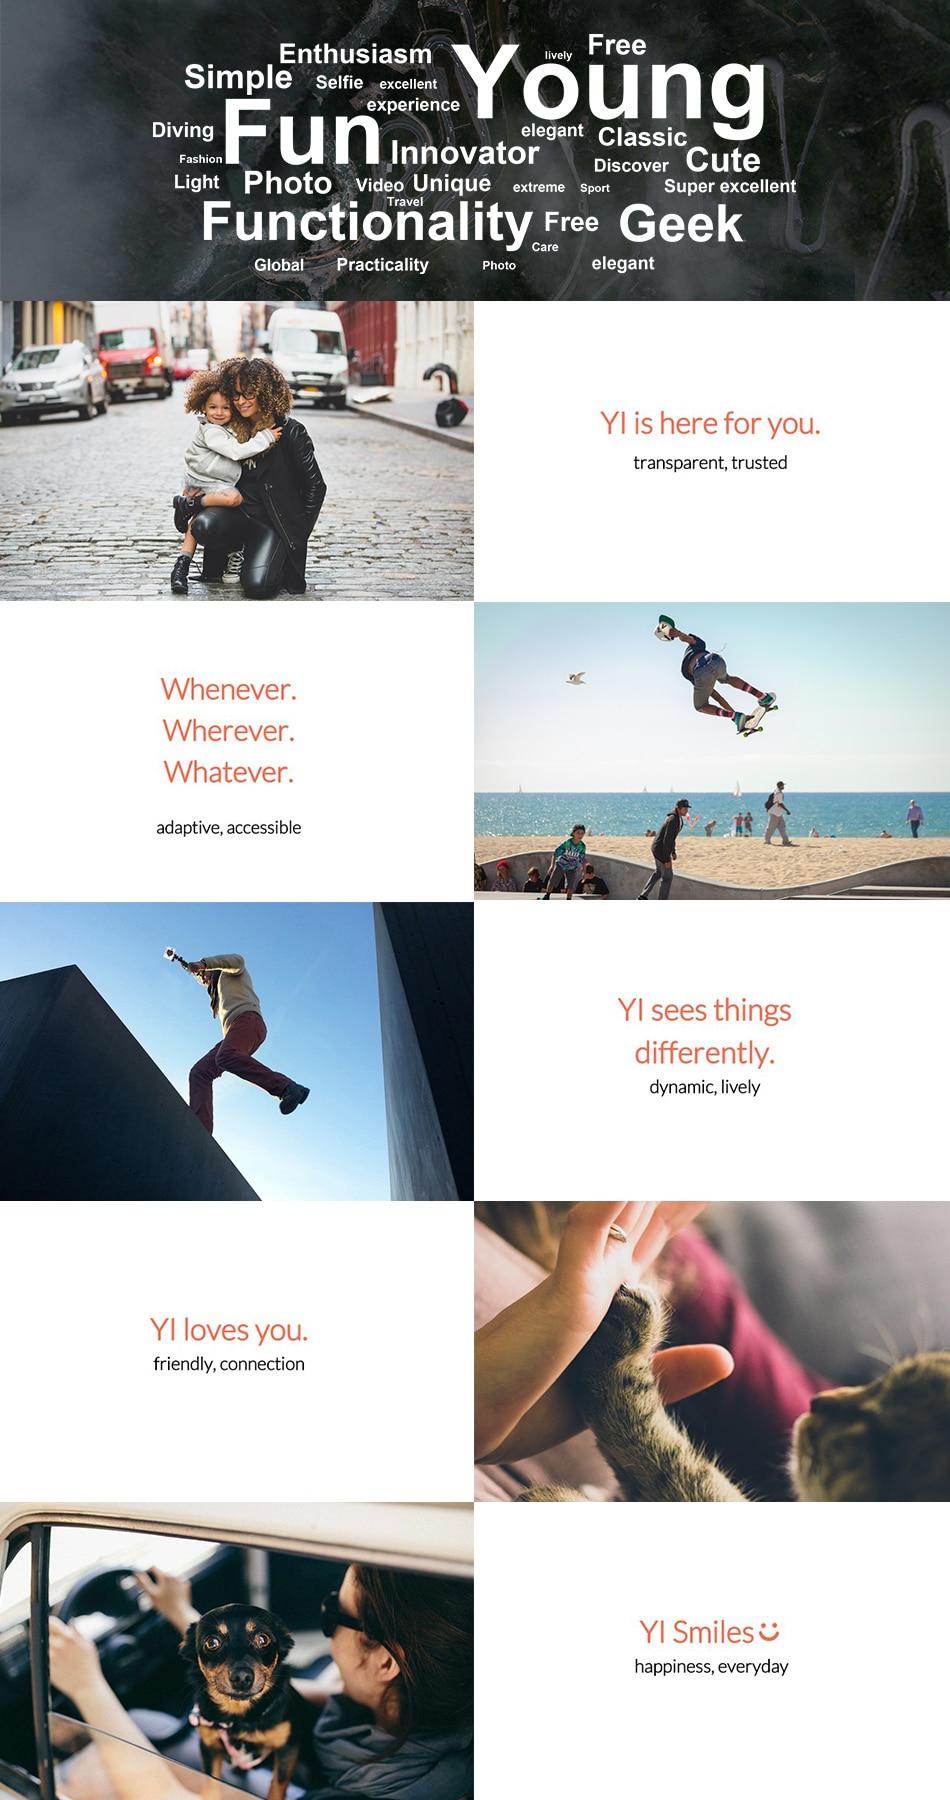 yi brand story